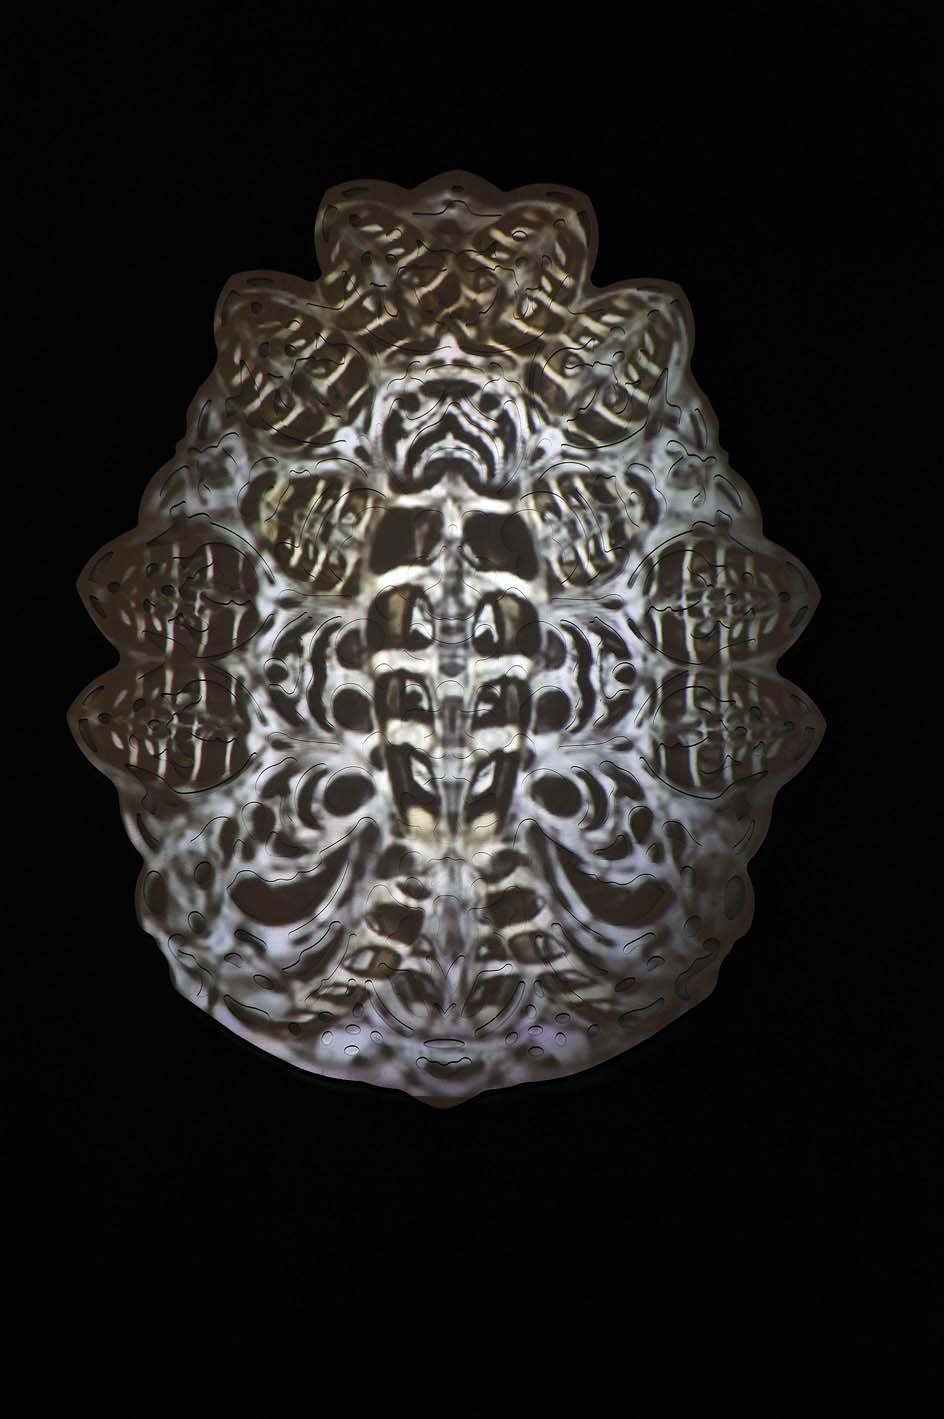 rohini-devasher-copyright-fossus-2011(5)